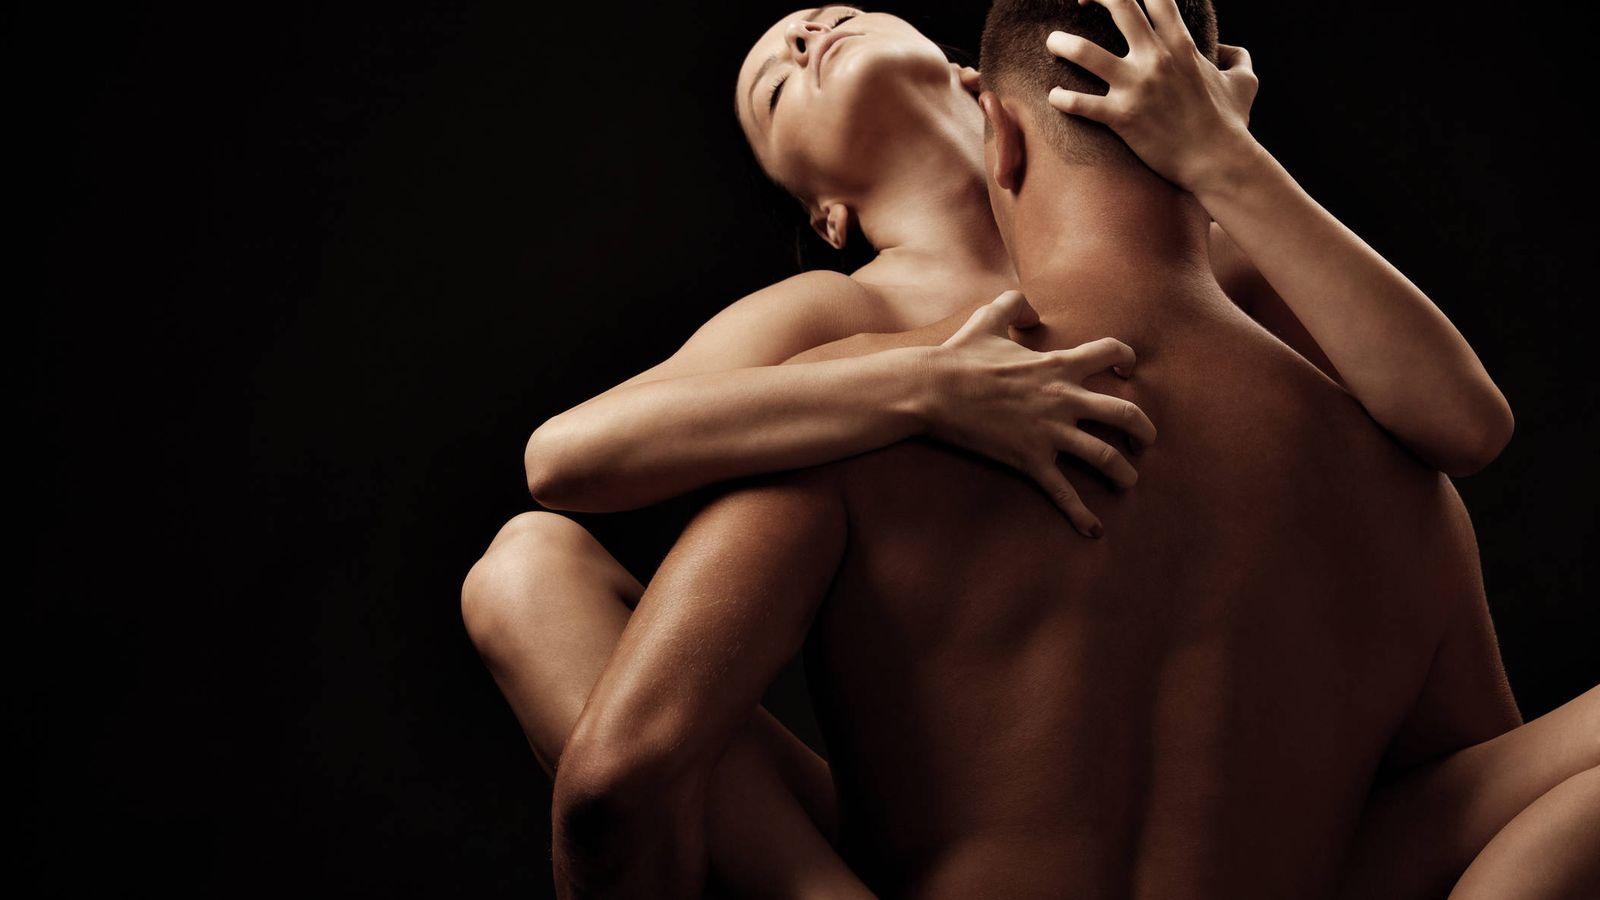 Peliculas Eroticas En Español películas: las películas porno con las mejores tramas (y las